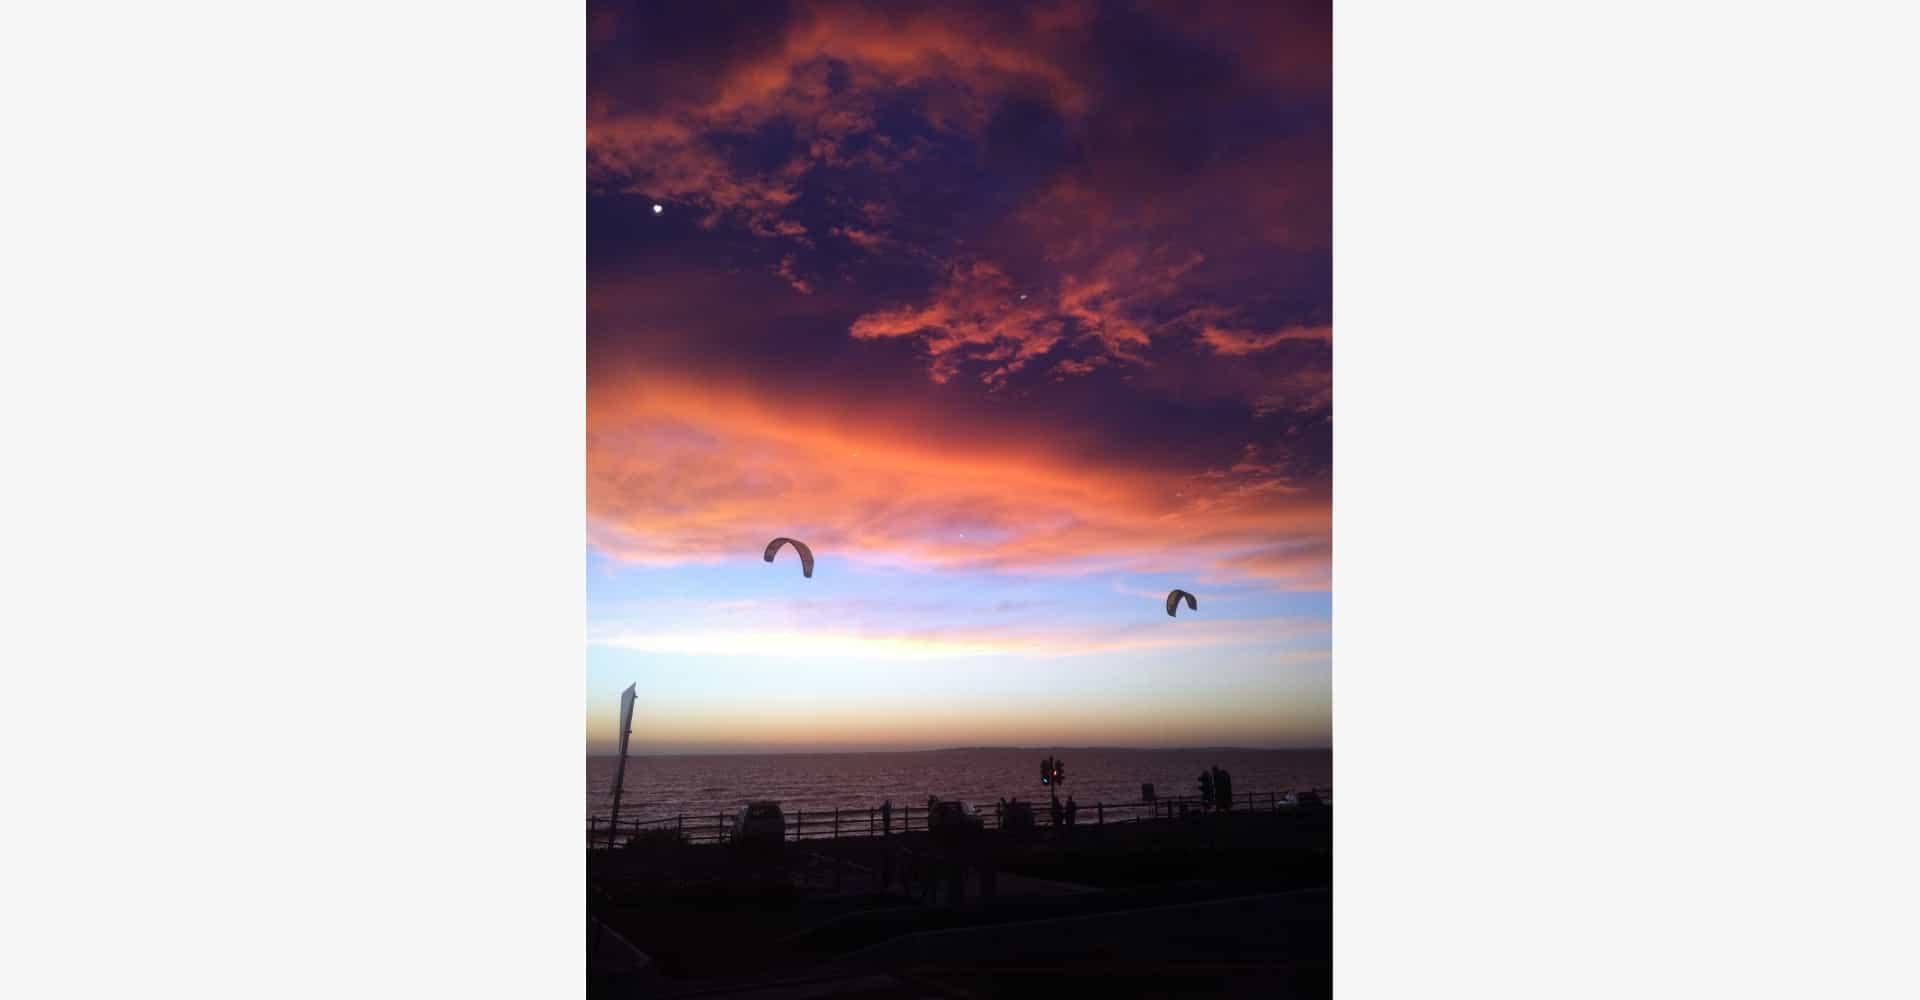 Kitesurfer im Sonnenuntergang - kitesurfers during sunset